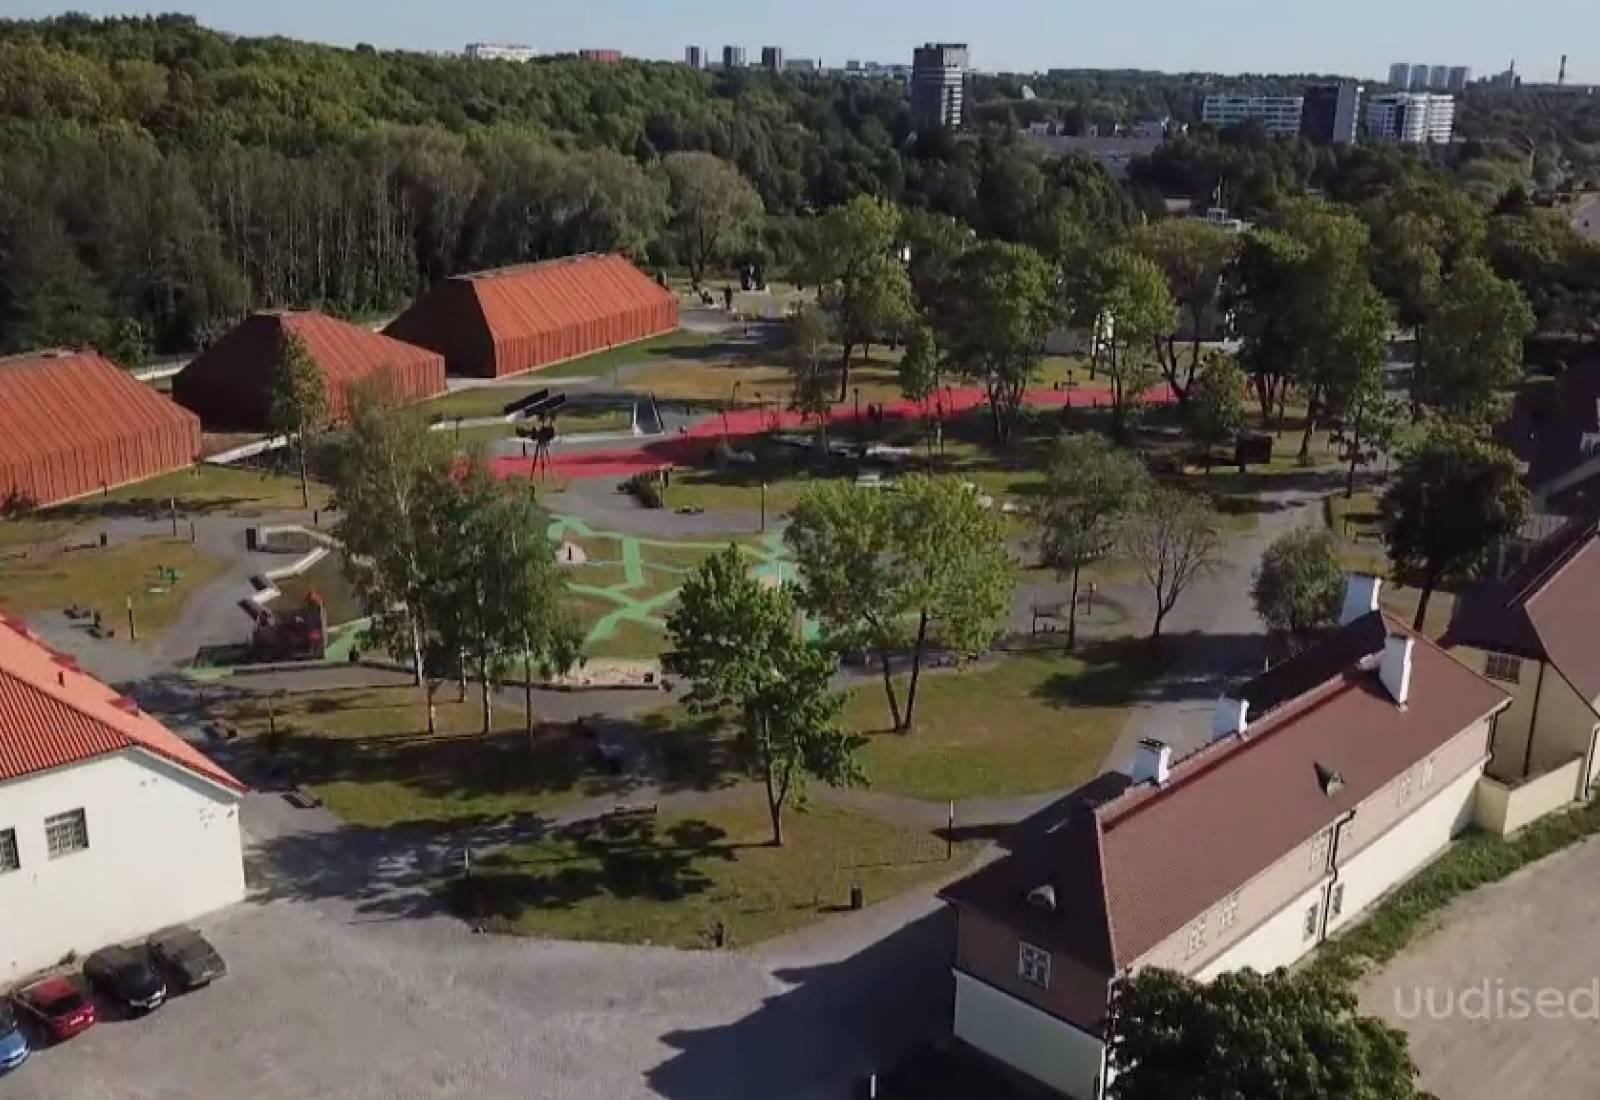 VIDEO! Eesti ajaloomuuseumi Maarjamäe loss pakub külastajatele palju põnevat avastamist